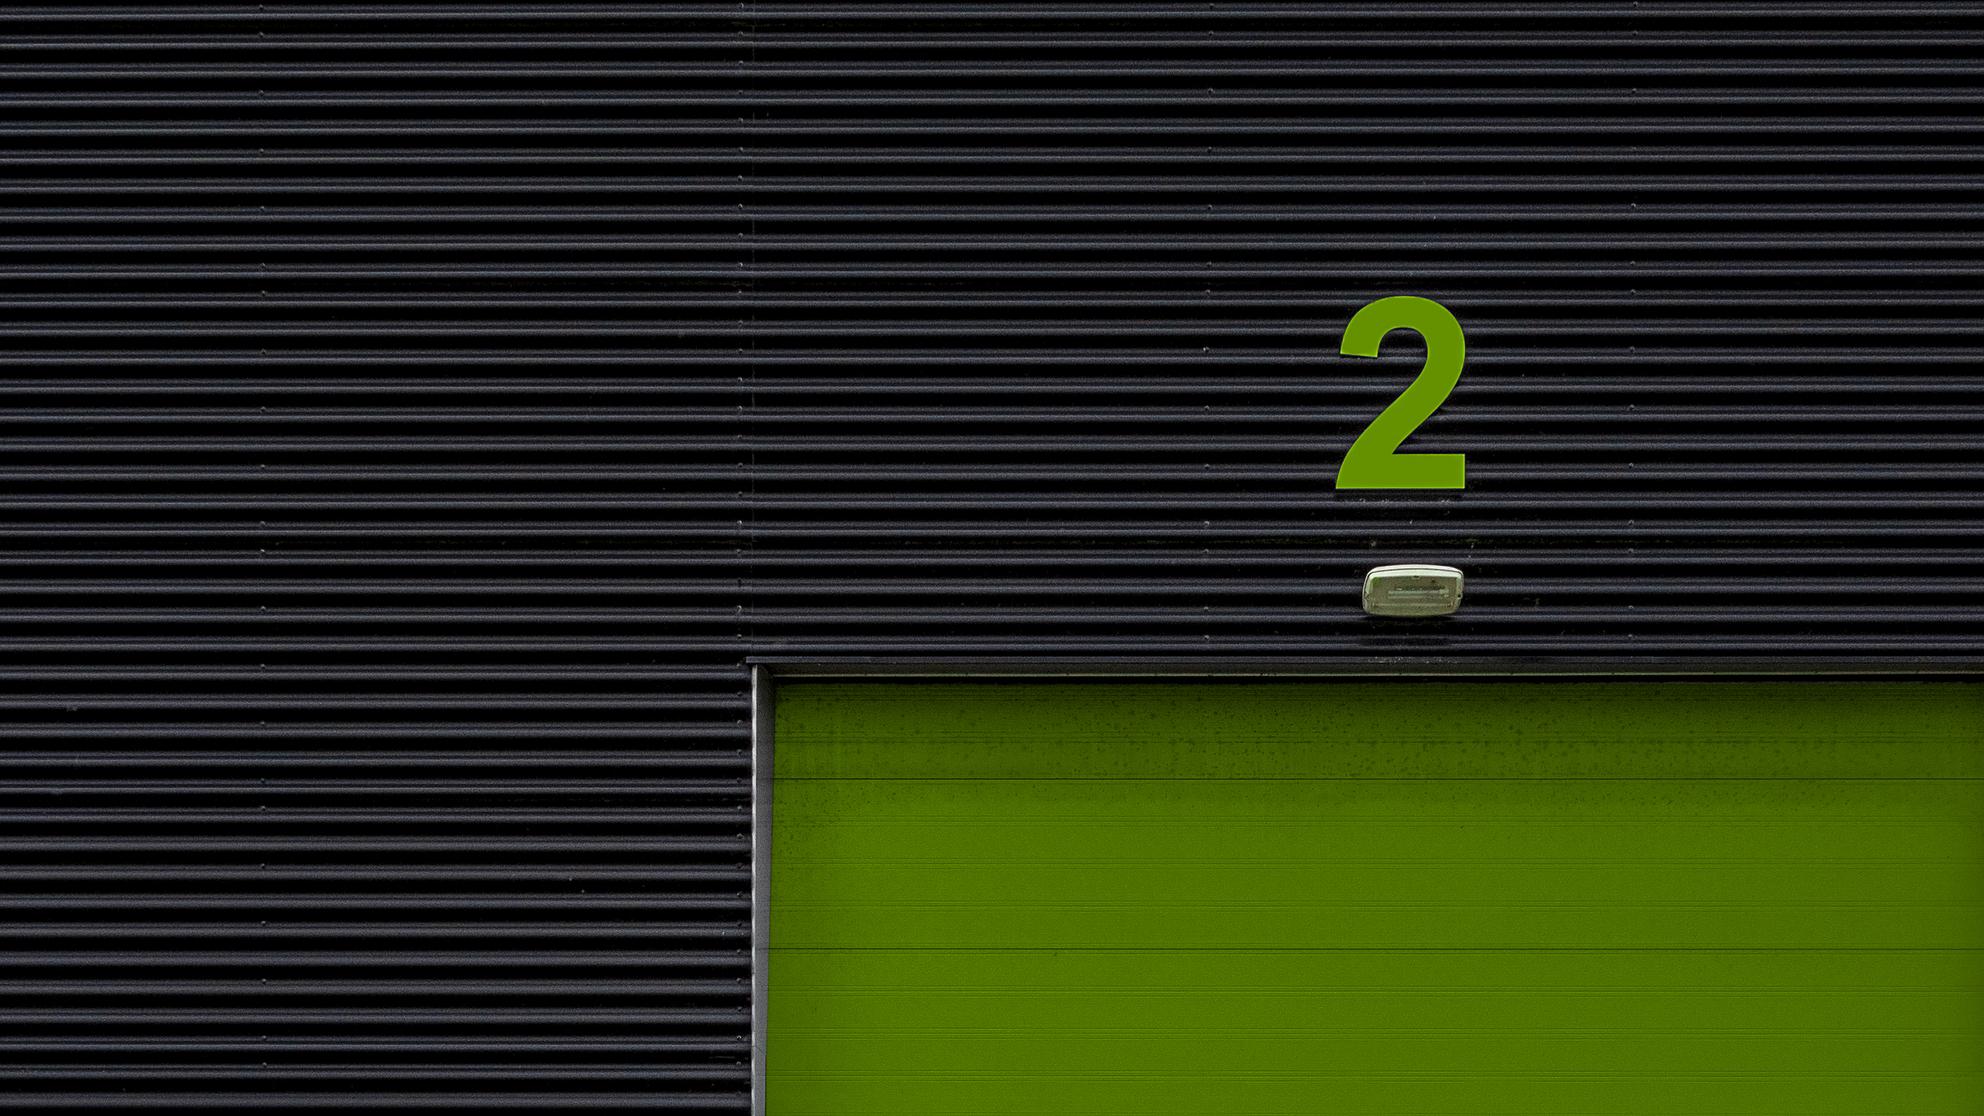 TWEE - . - foto door Oorlogskind op 08-04-2021 - locatie: De Haar 11, 9405 TE Assen, Nederland - deze foto bevat: rechthoek, lettertype, tinten en schakeringen, patroon, parallel, cirkel, symbool, logo, aantal, hout